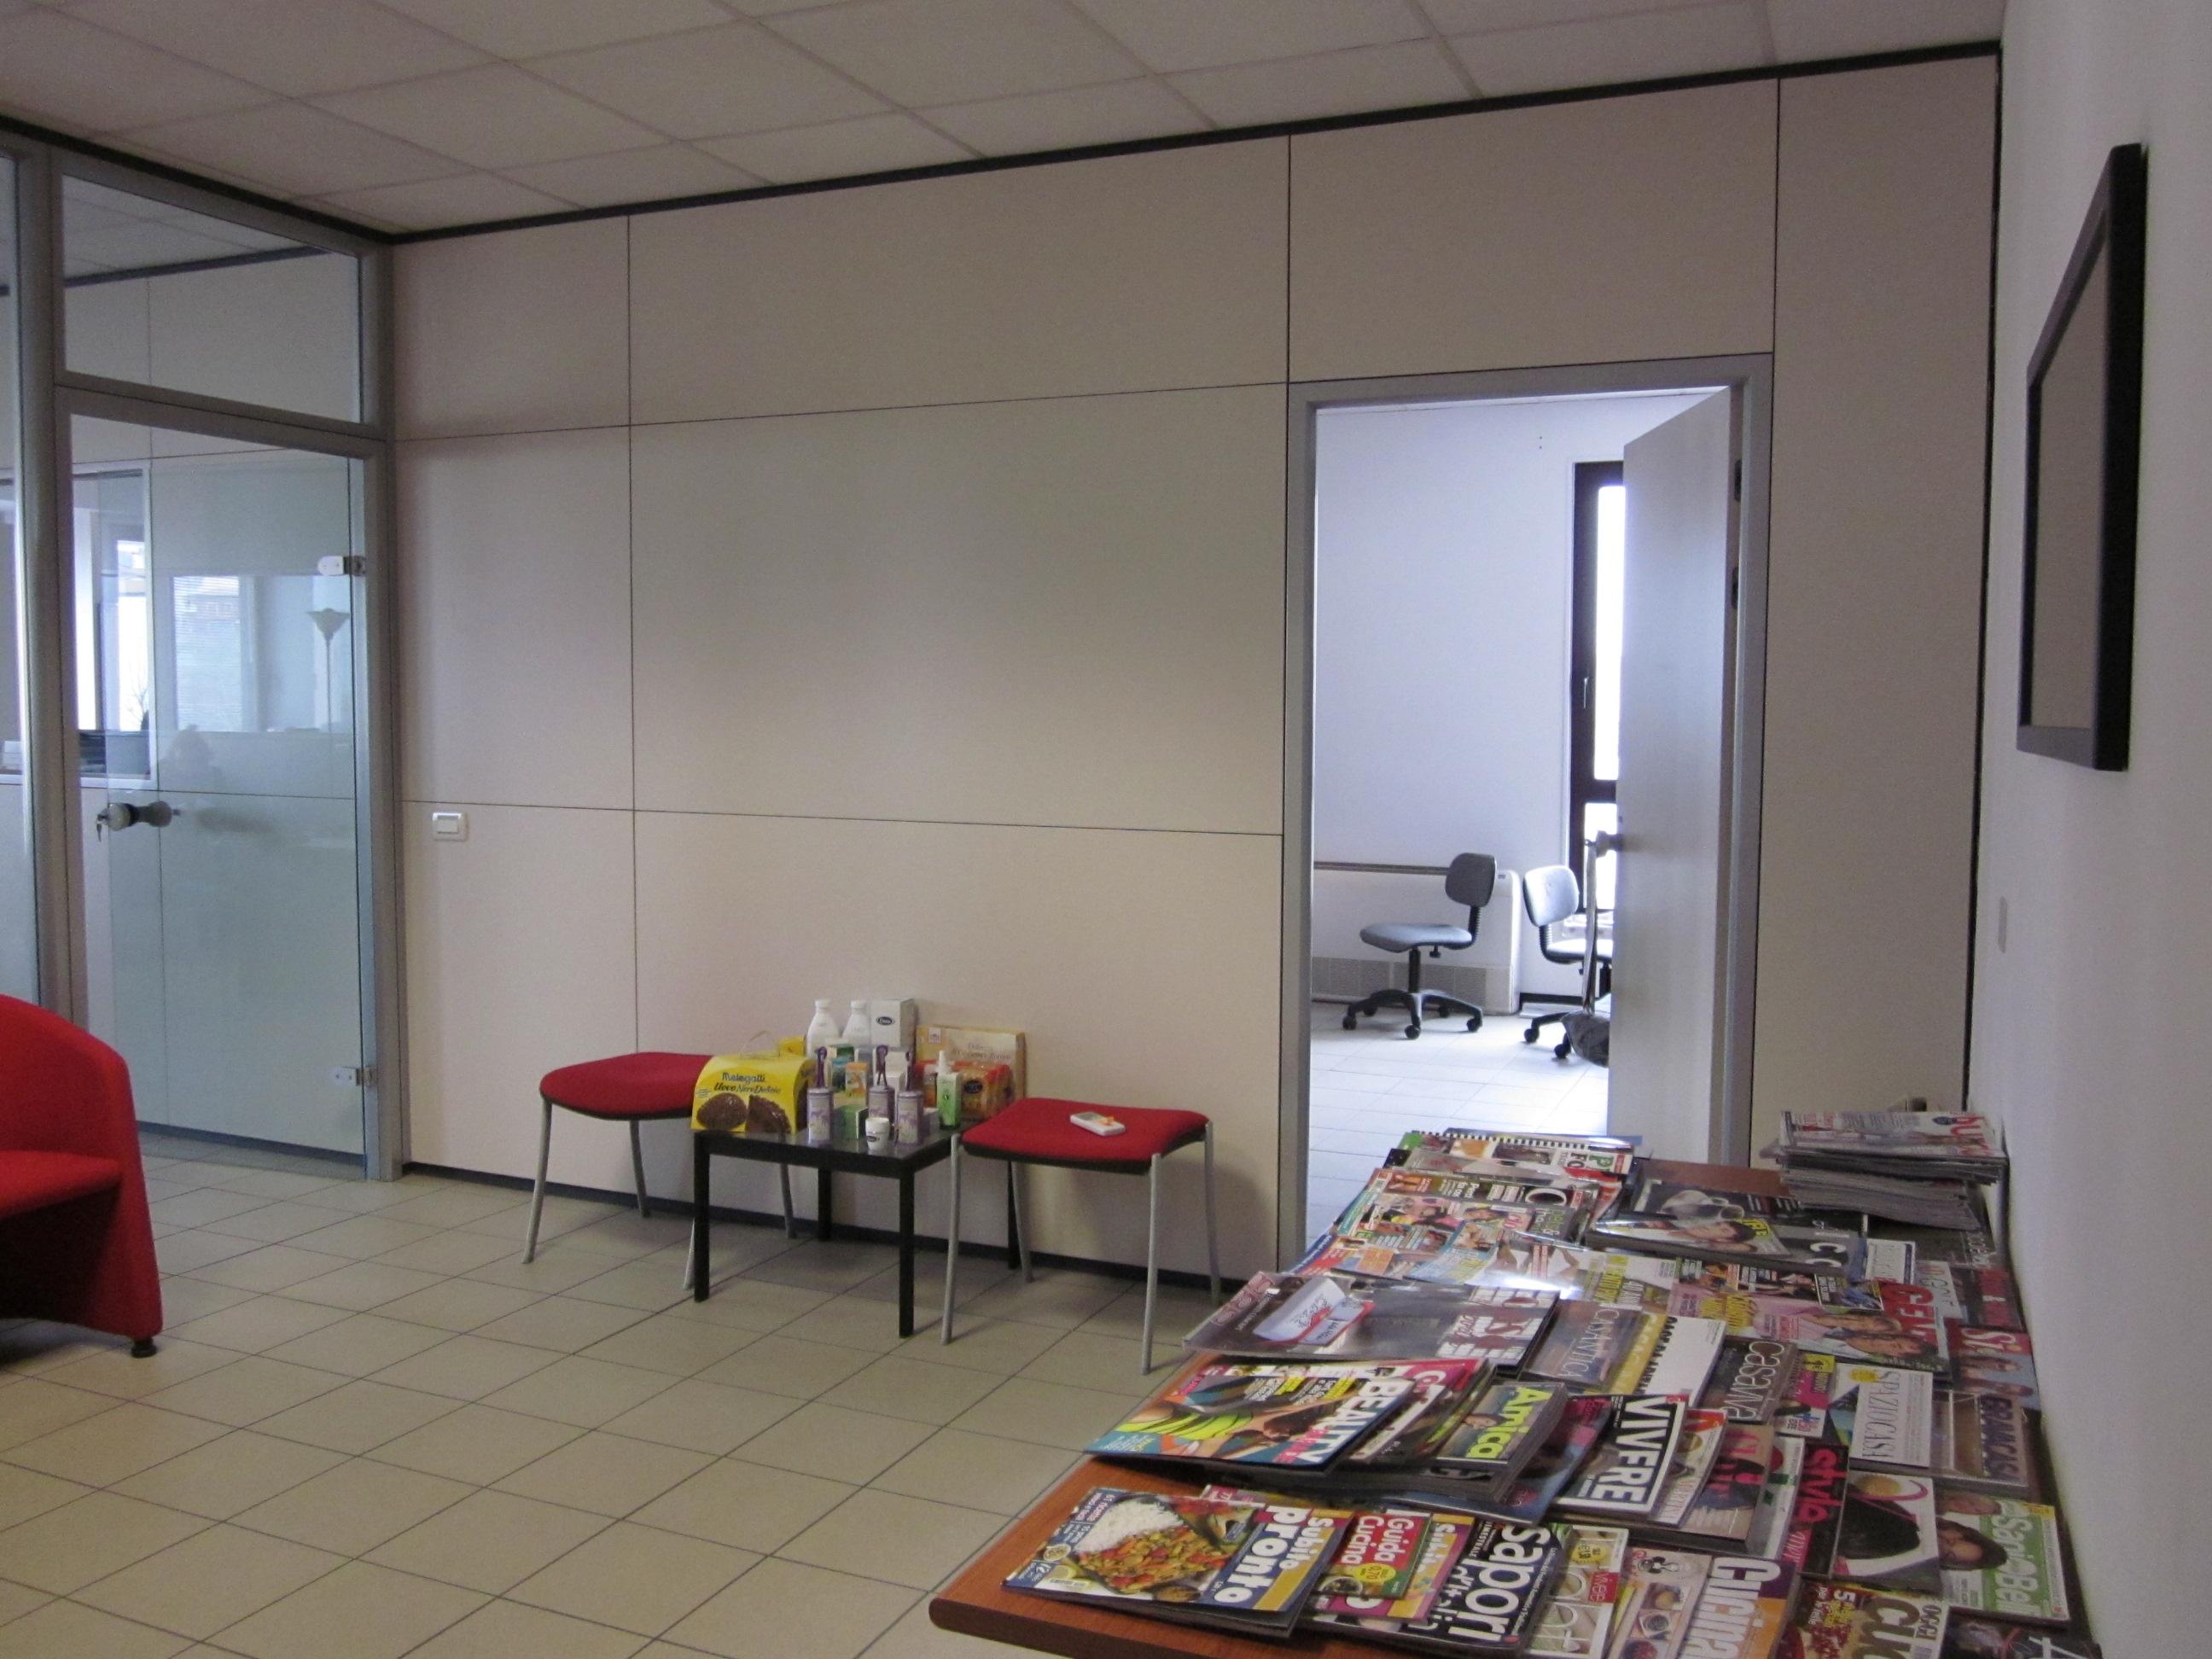 Ecco il nuovo ufficio jit jit blog for Ufficio stampa design